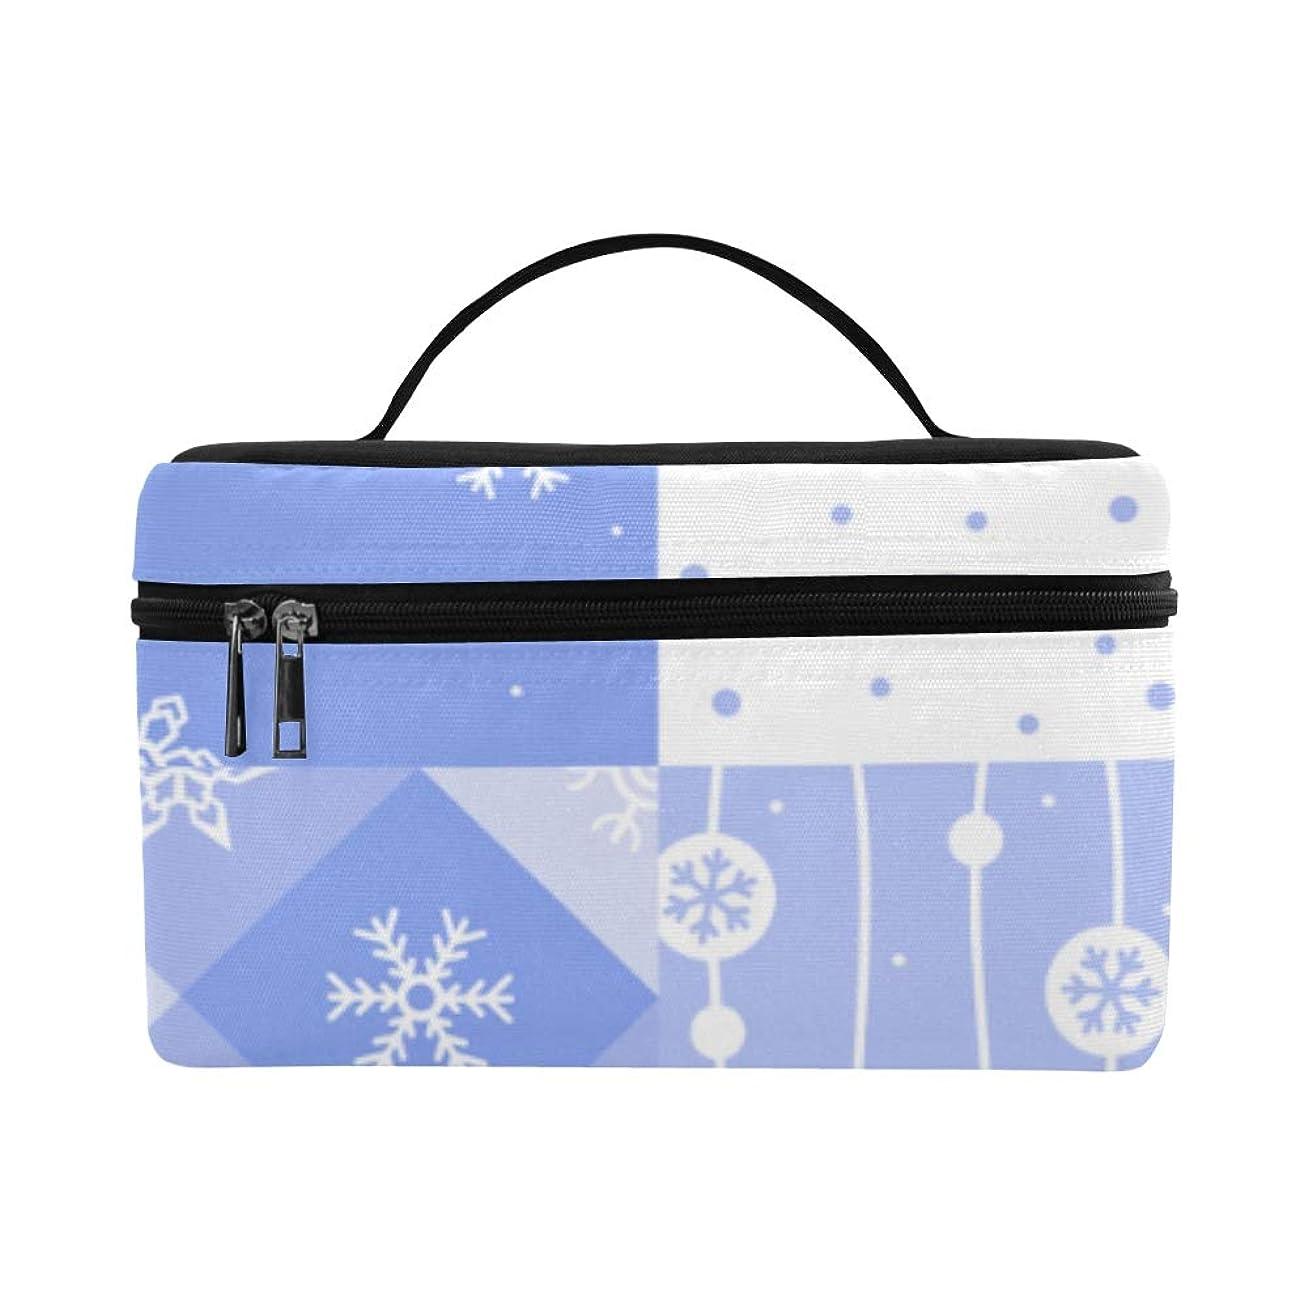 フォーマル靴幹GGSXD メイクボックス きれいな雪 コスメ収納 化粧品収納ケース 大容量 収納ボックス 化粧品入れ 化粧バッグ 旅行用 メイクブラシバッグ 化粧箱 持ち運び便利 プロ用